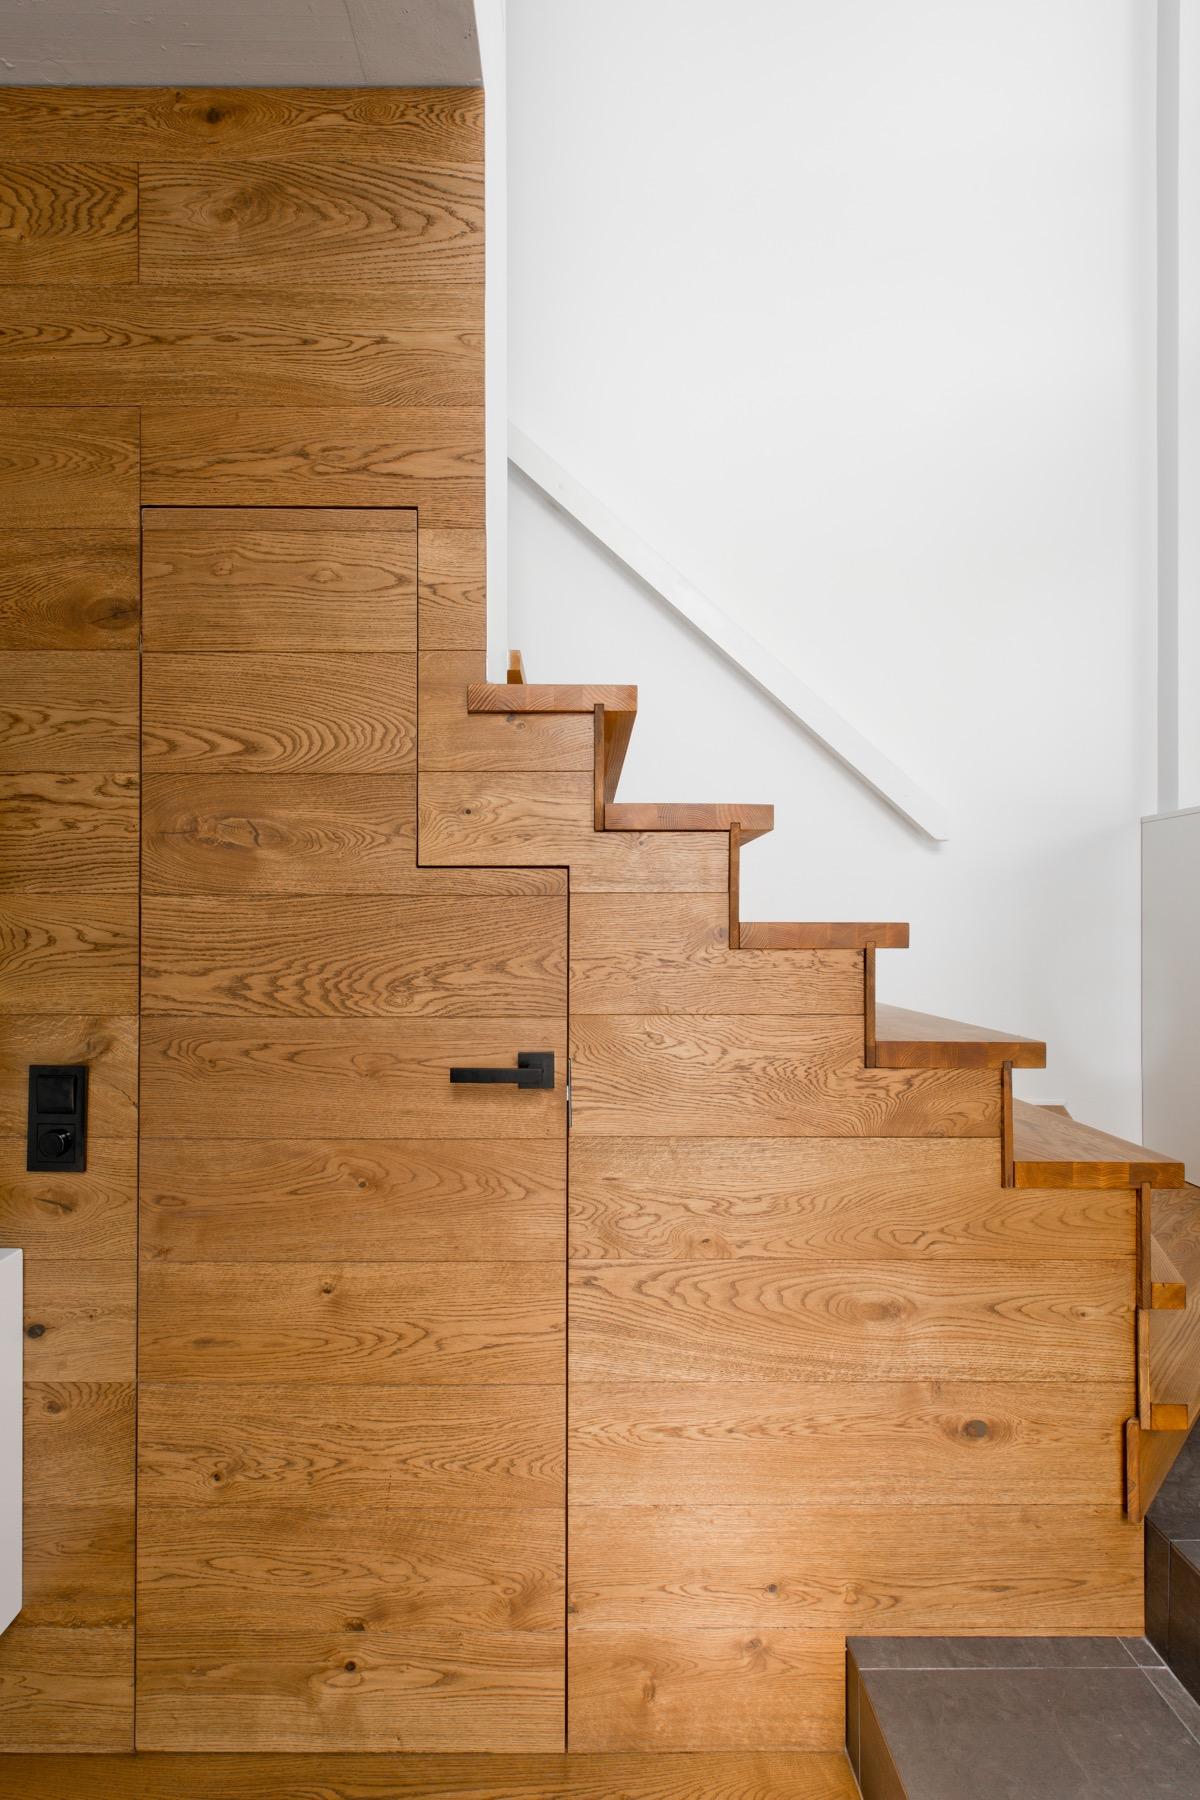 Cagibi sous escalier